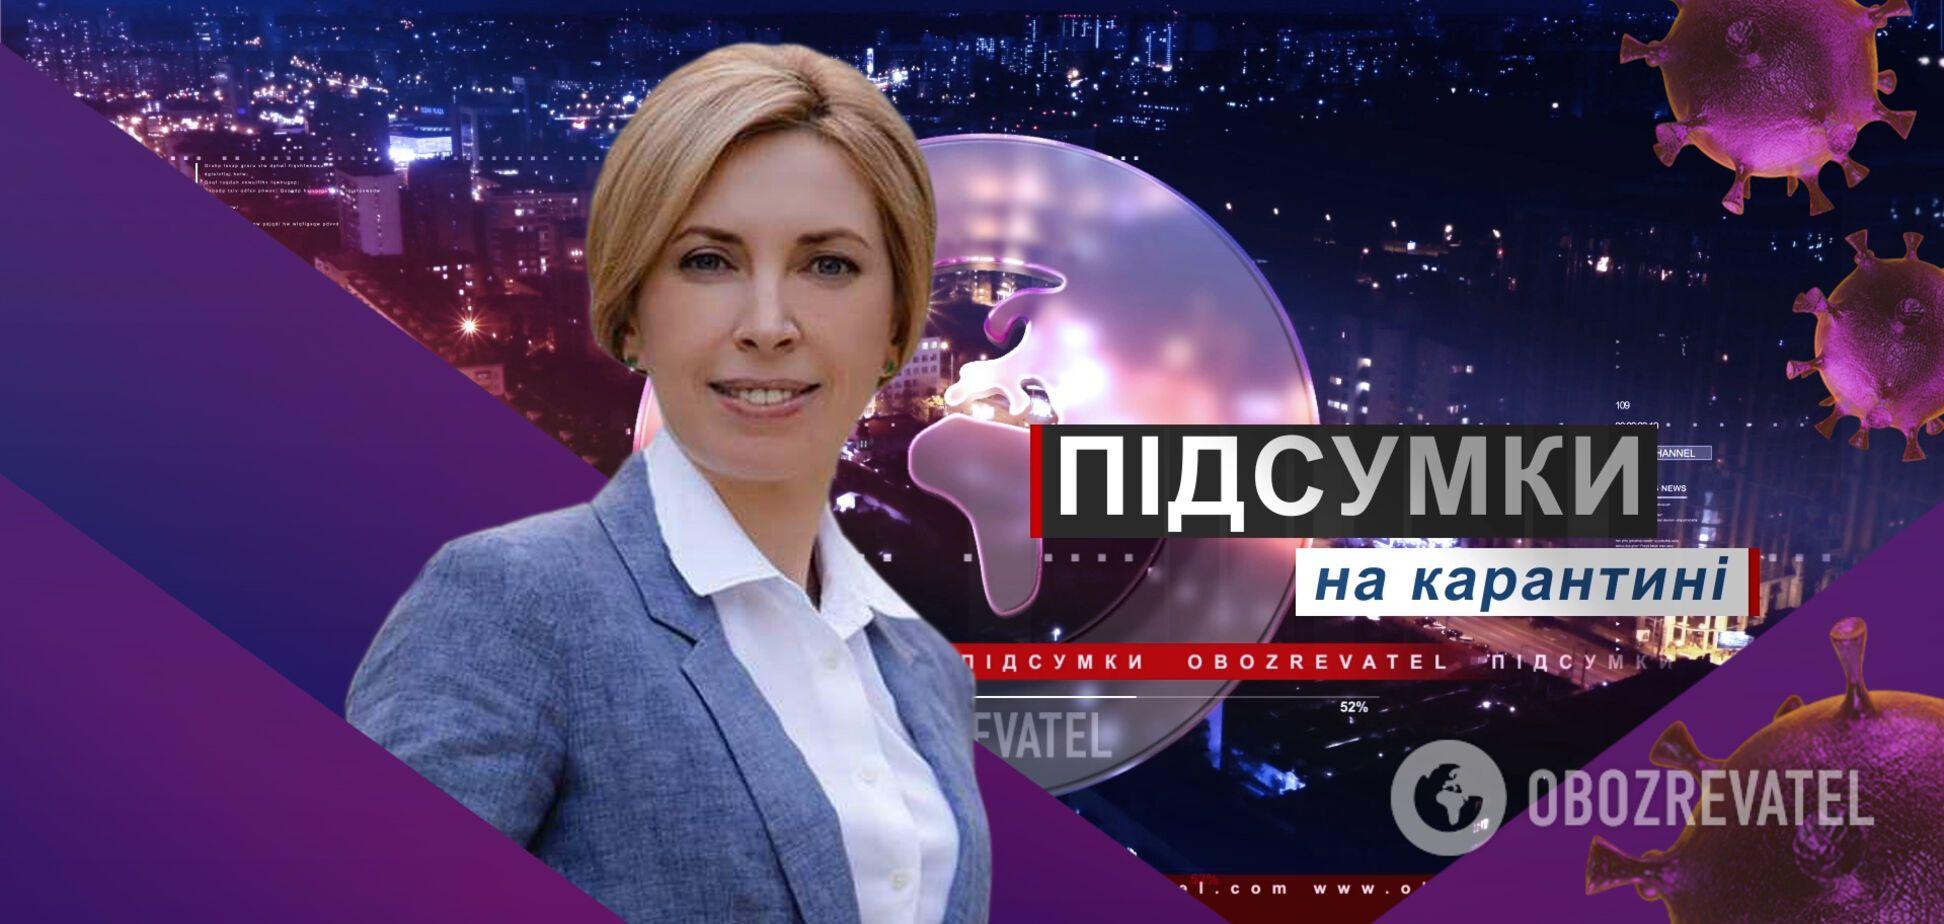 Епіфаній і Шевчук можуть увійти до ТКГ по Донбасу: в 'Слузі народу' озвучили ініціативу